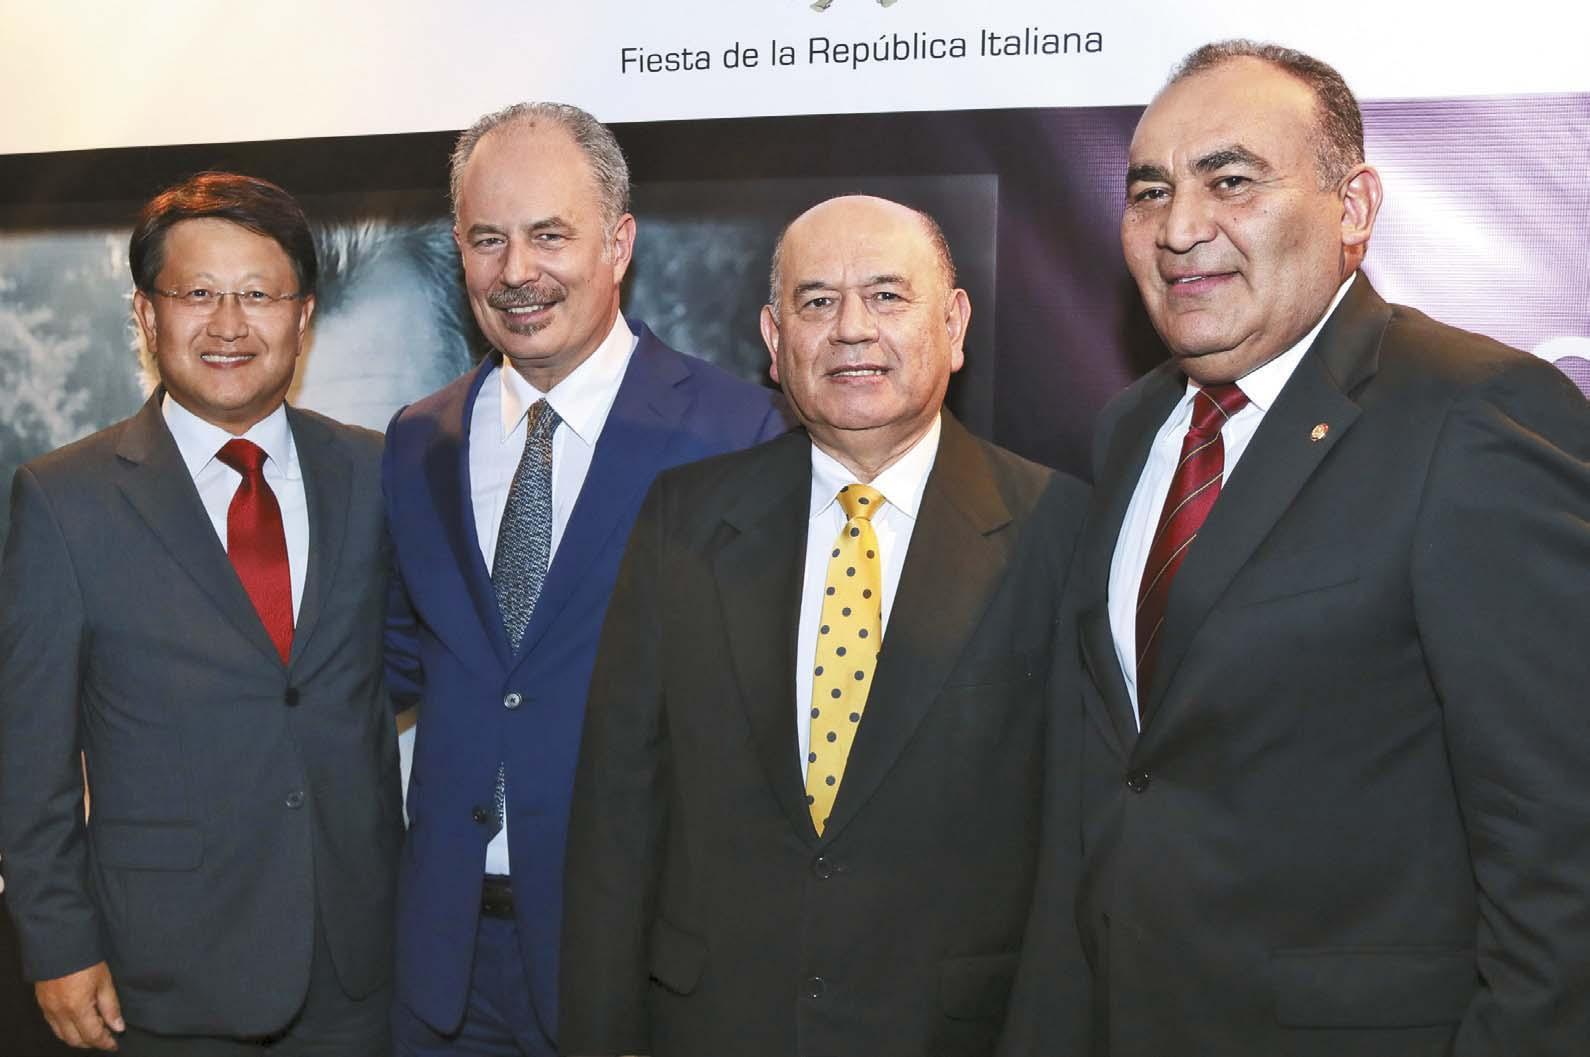 EVENTOS ON THE SPOT    Celebración del Día Nacional de Italia y conmemoracióndel Referéndum Constitucional de 1946